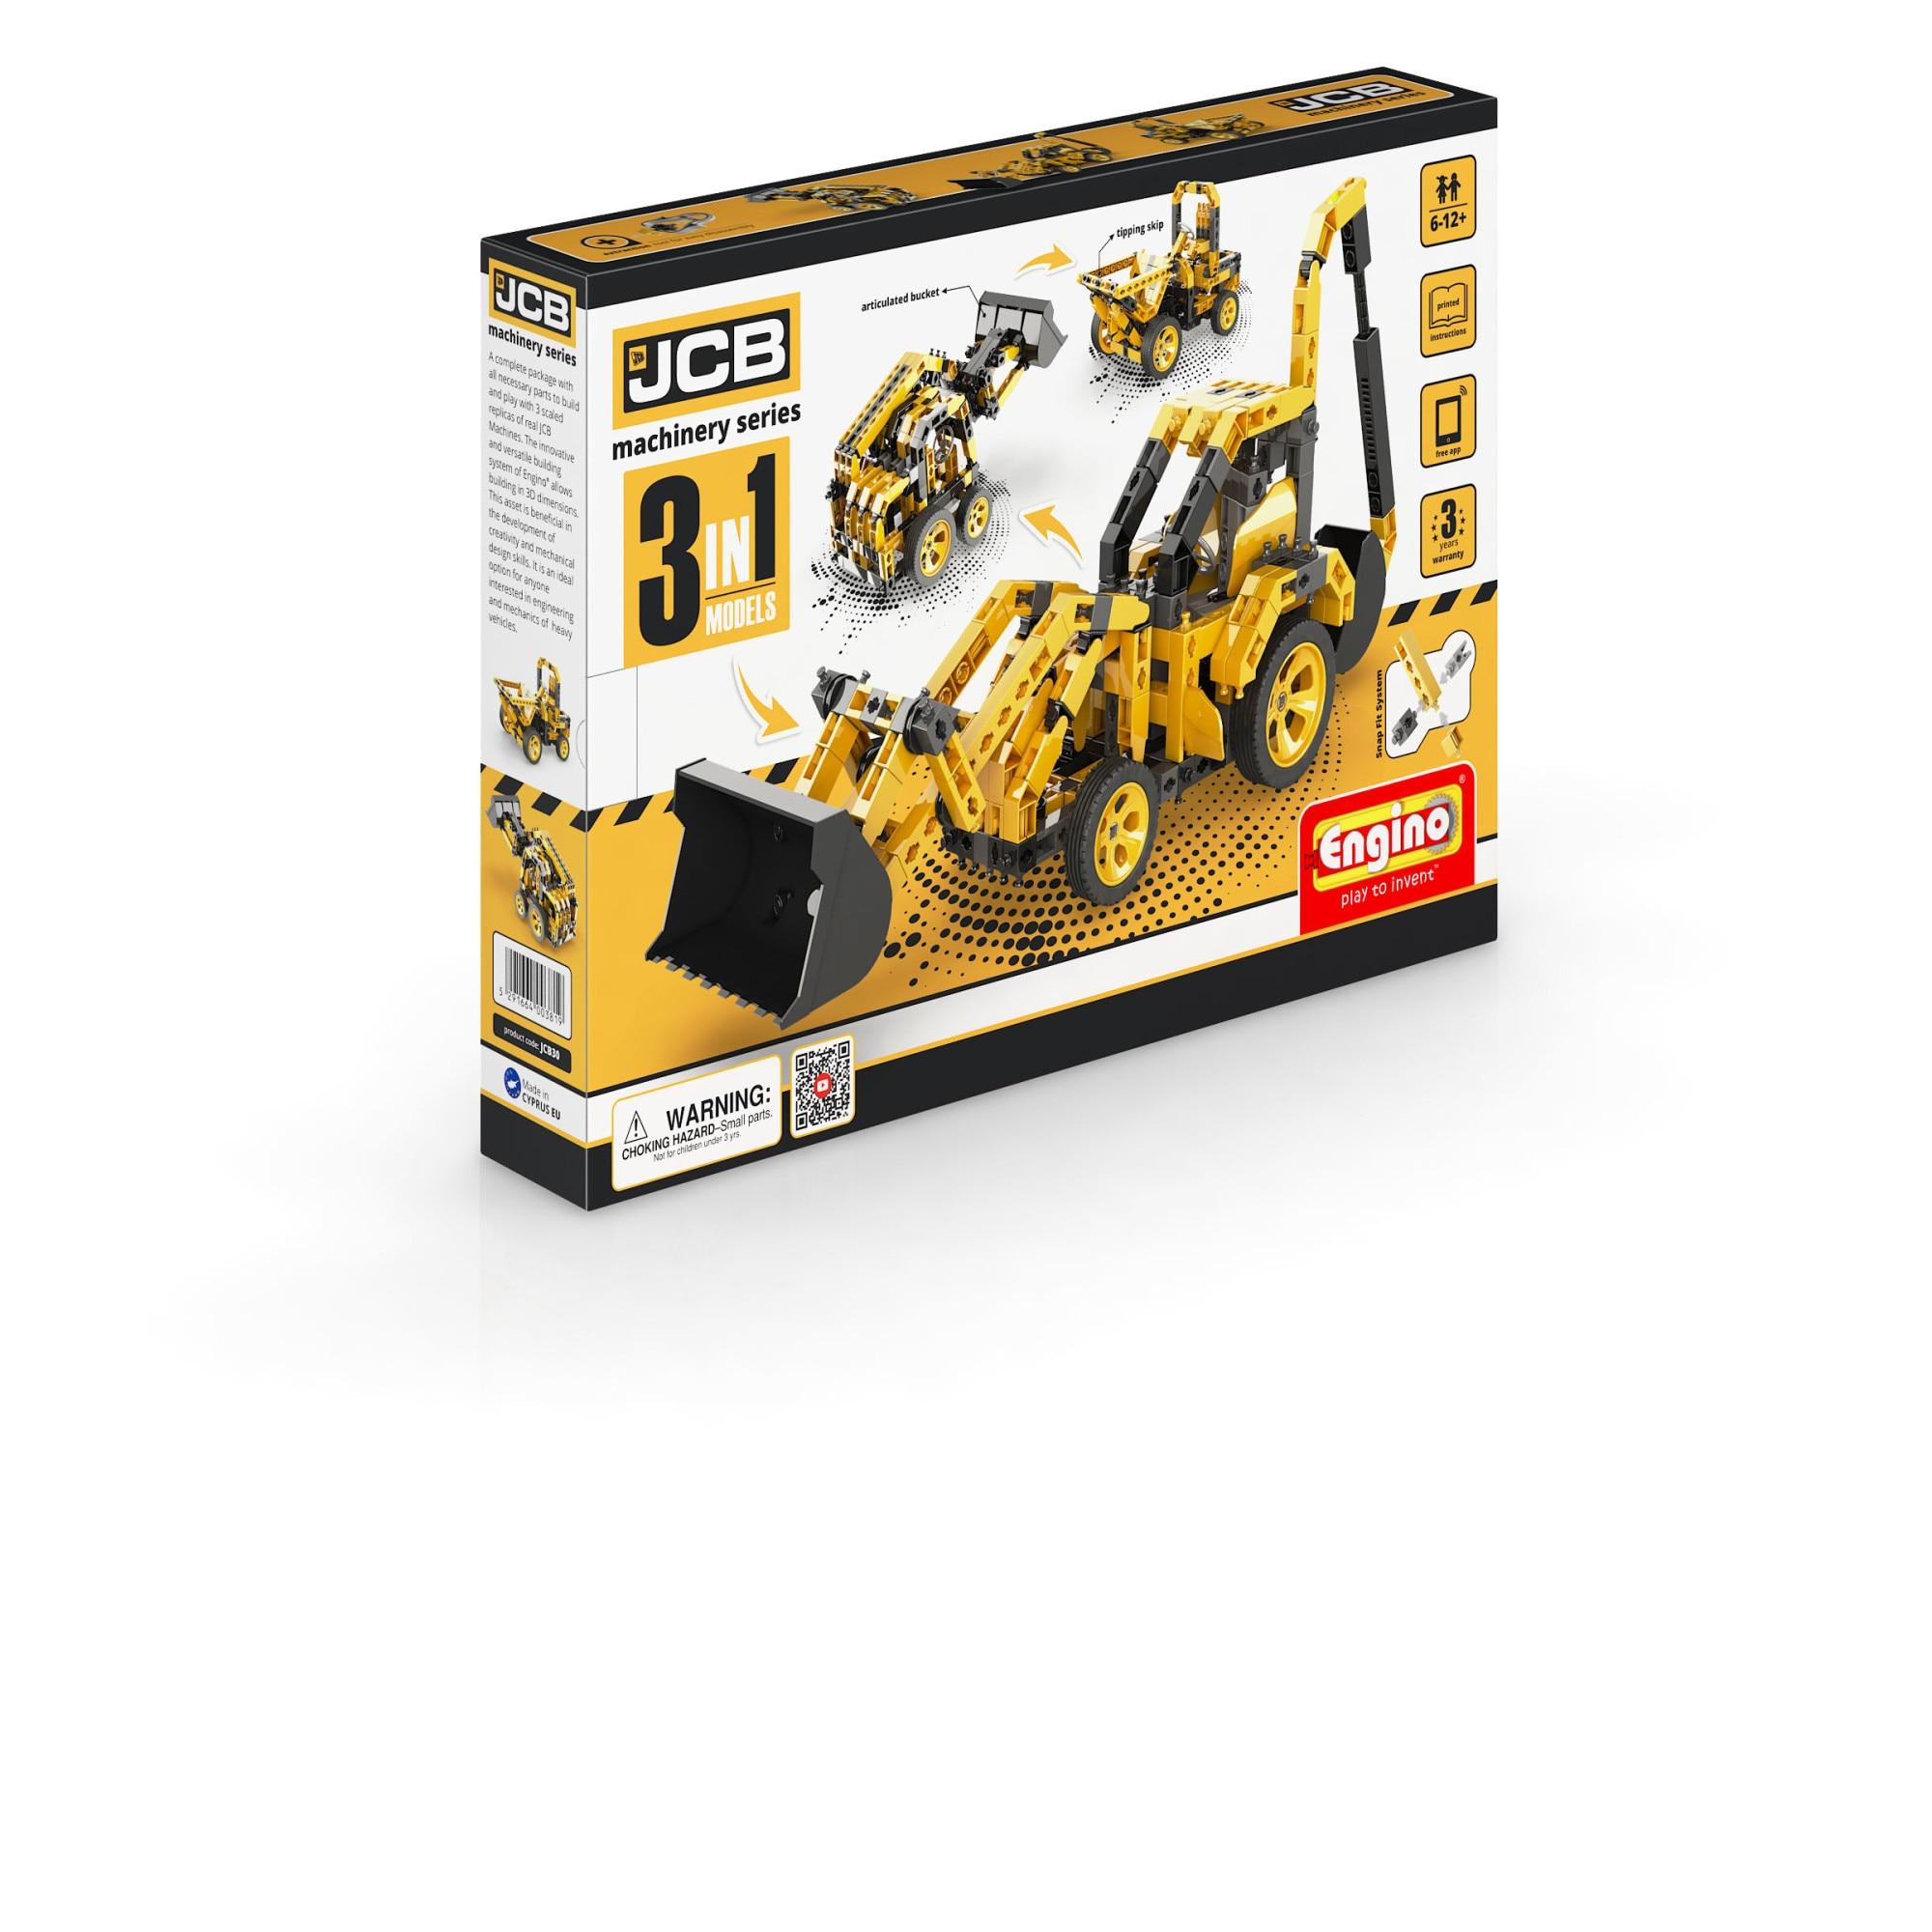 Engino JCB Construction - Billenős Teherautó 3in1 Építőjáték N9xHx3